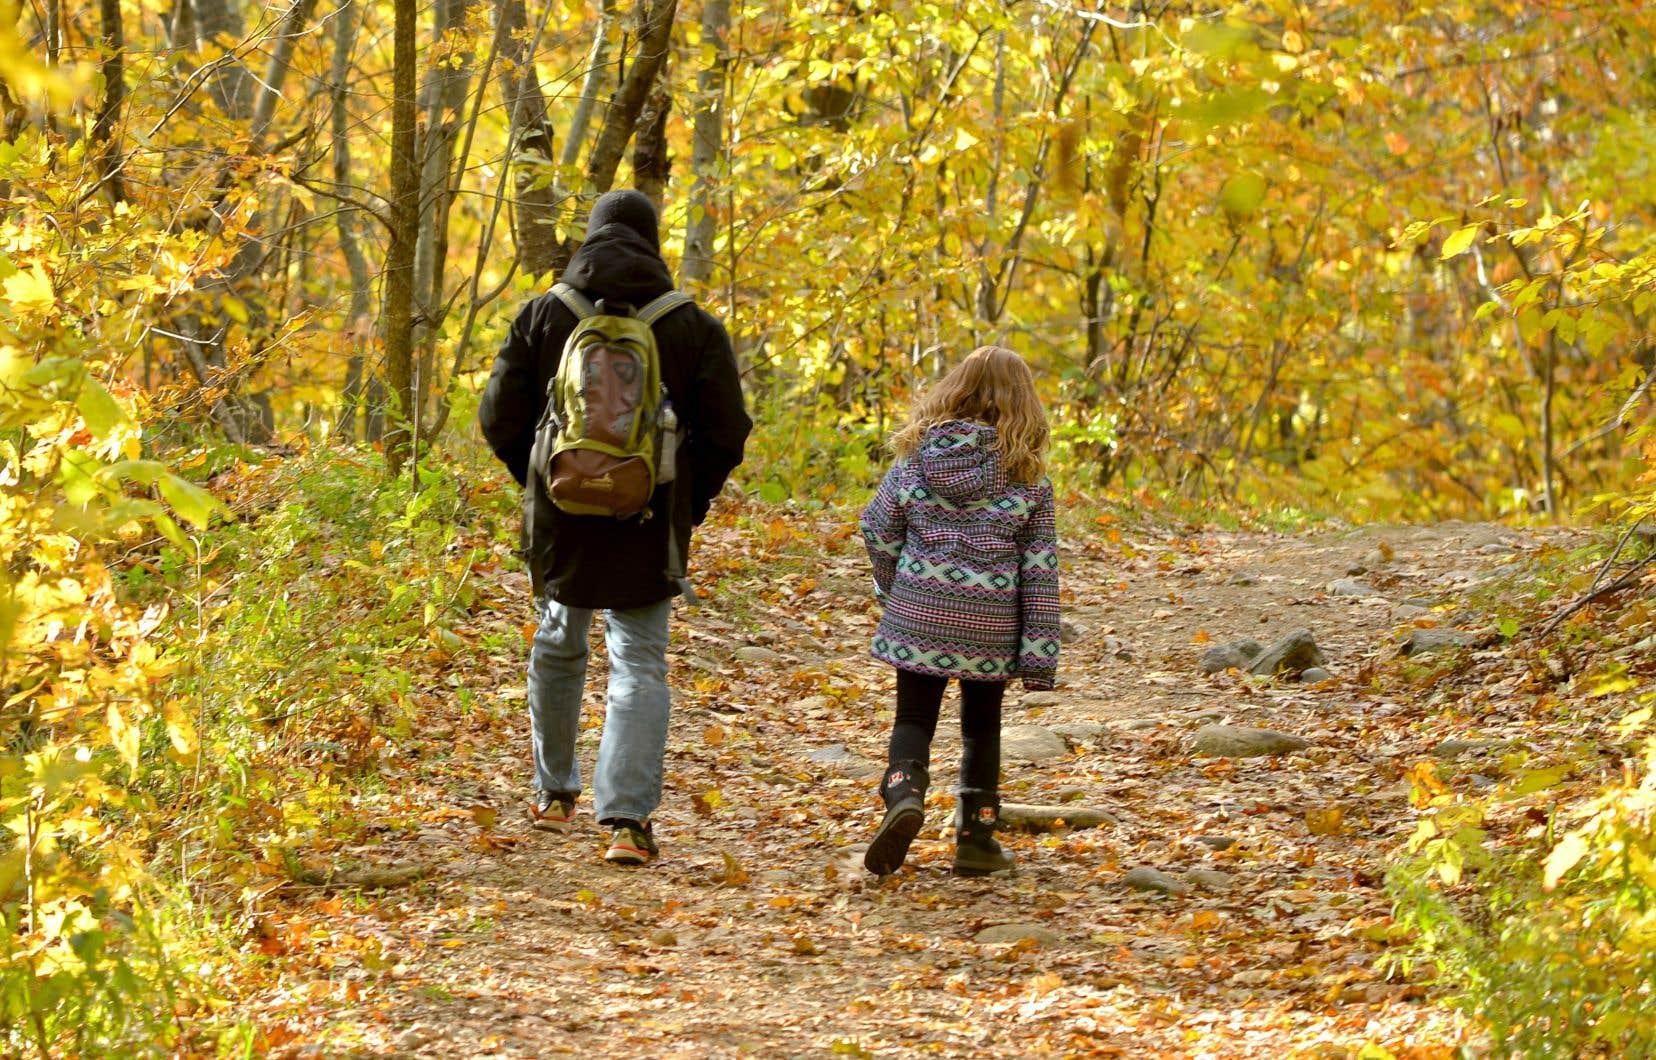 Montréal vient d'acheter 9,8 hectares de milieux naturels à Sainte-Anne-de-Bellevue.